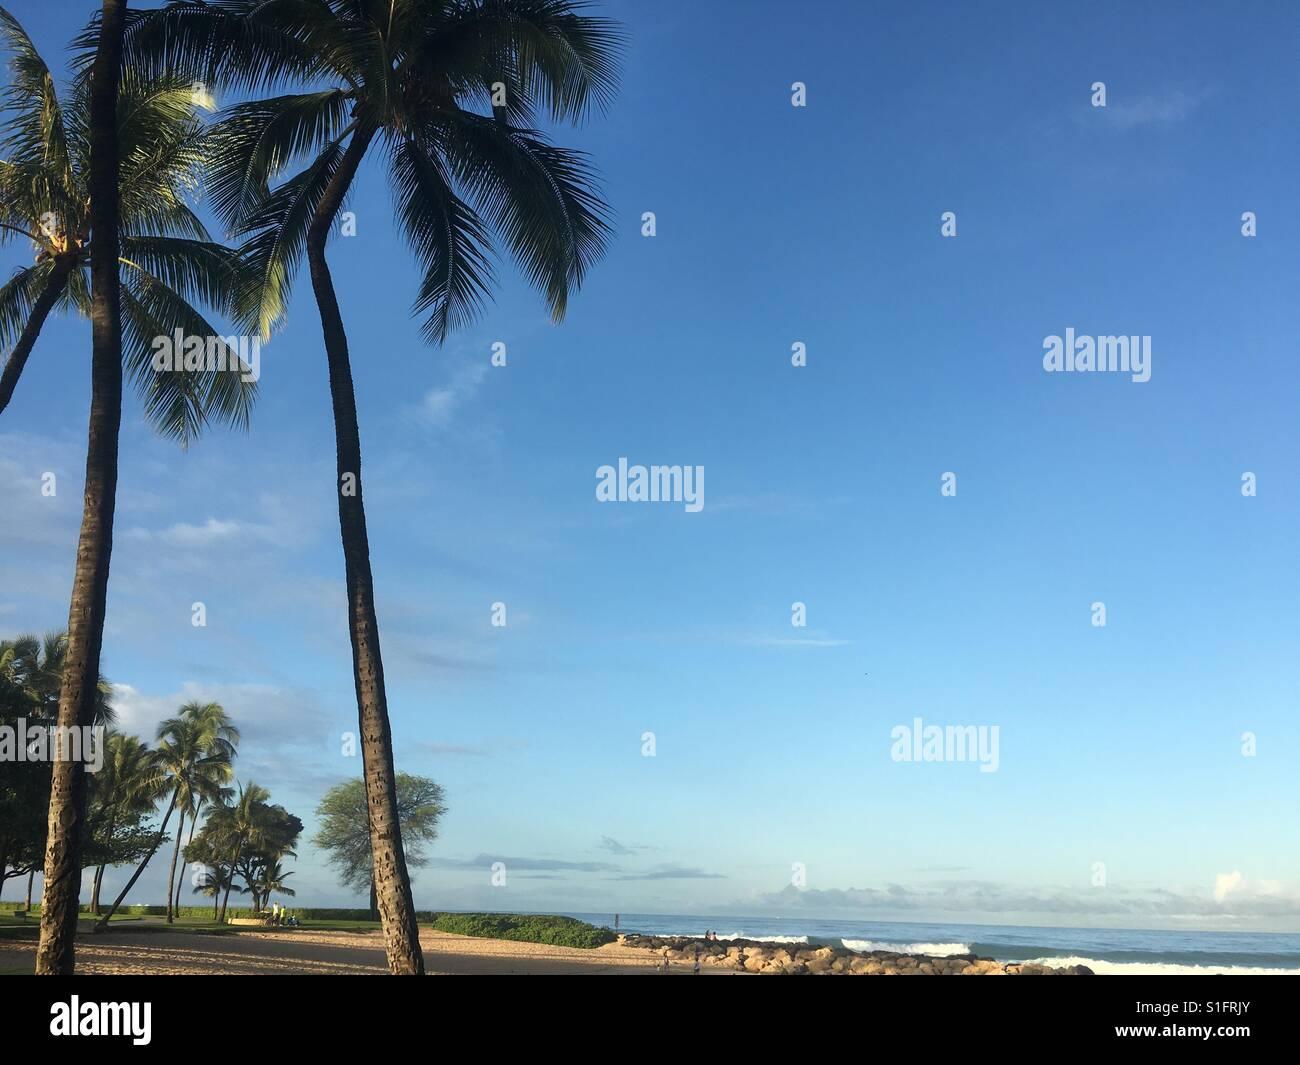 Alberi di palma, oceano beach in una zona tranquilla e calma giorno Immagini Stock